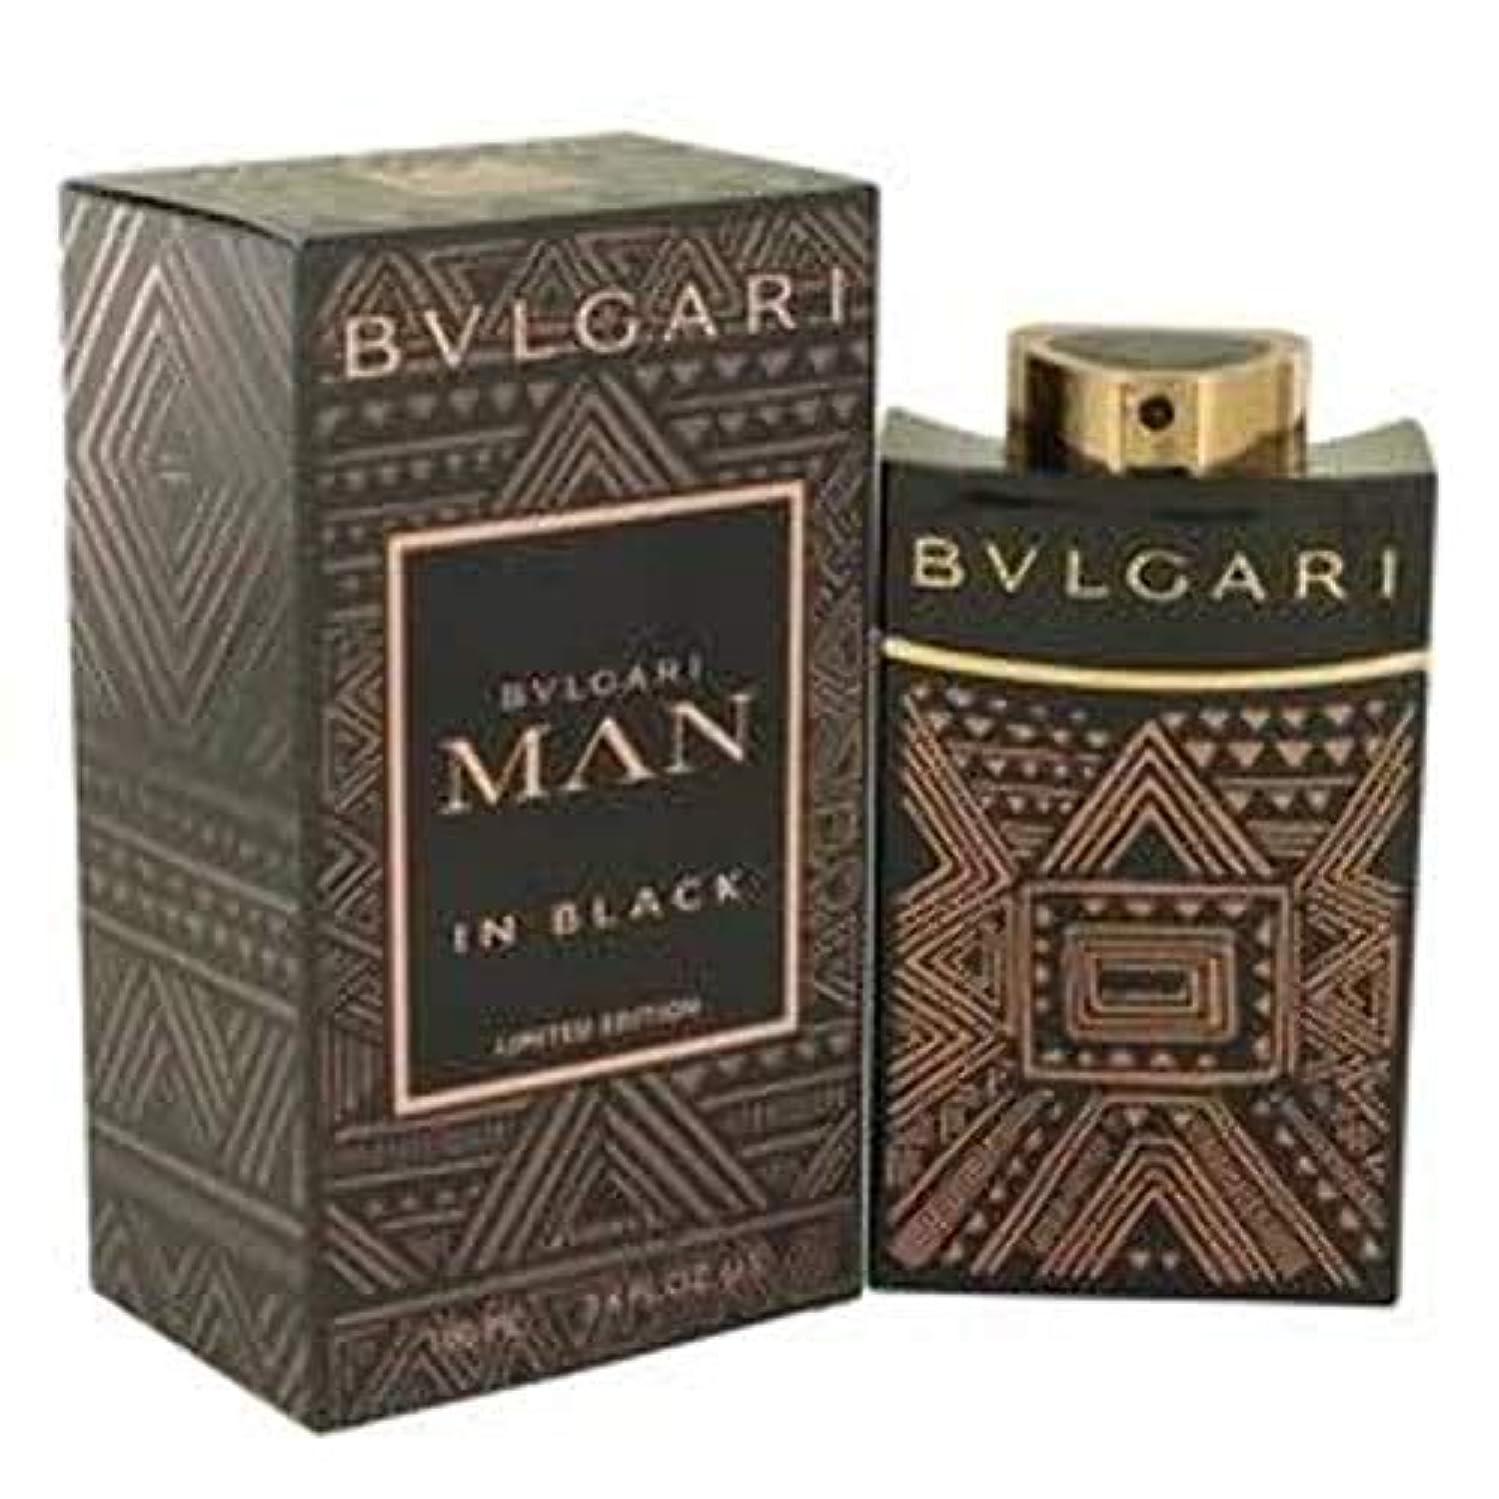 出来事膨らみ長老ブルガリ BVLGARI ブルガリ マン イン ブラック エッセンス 100ml EDP SP fs